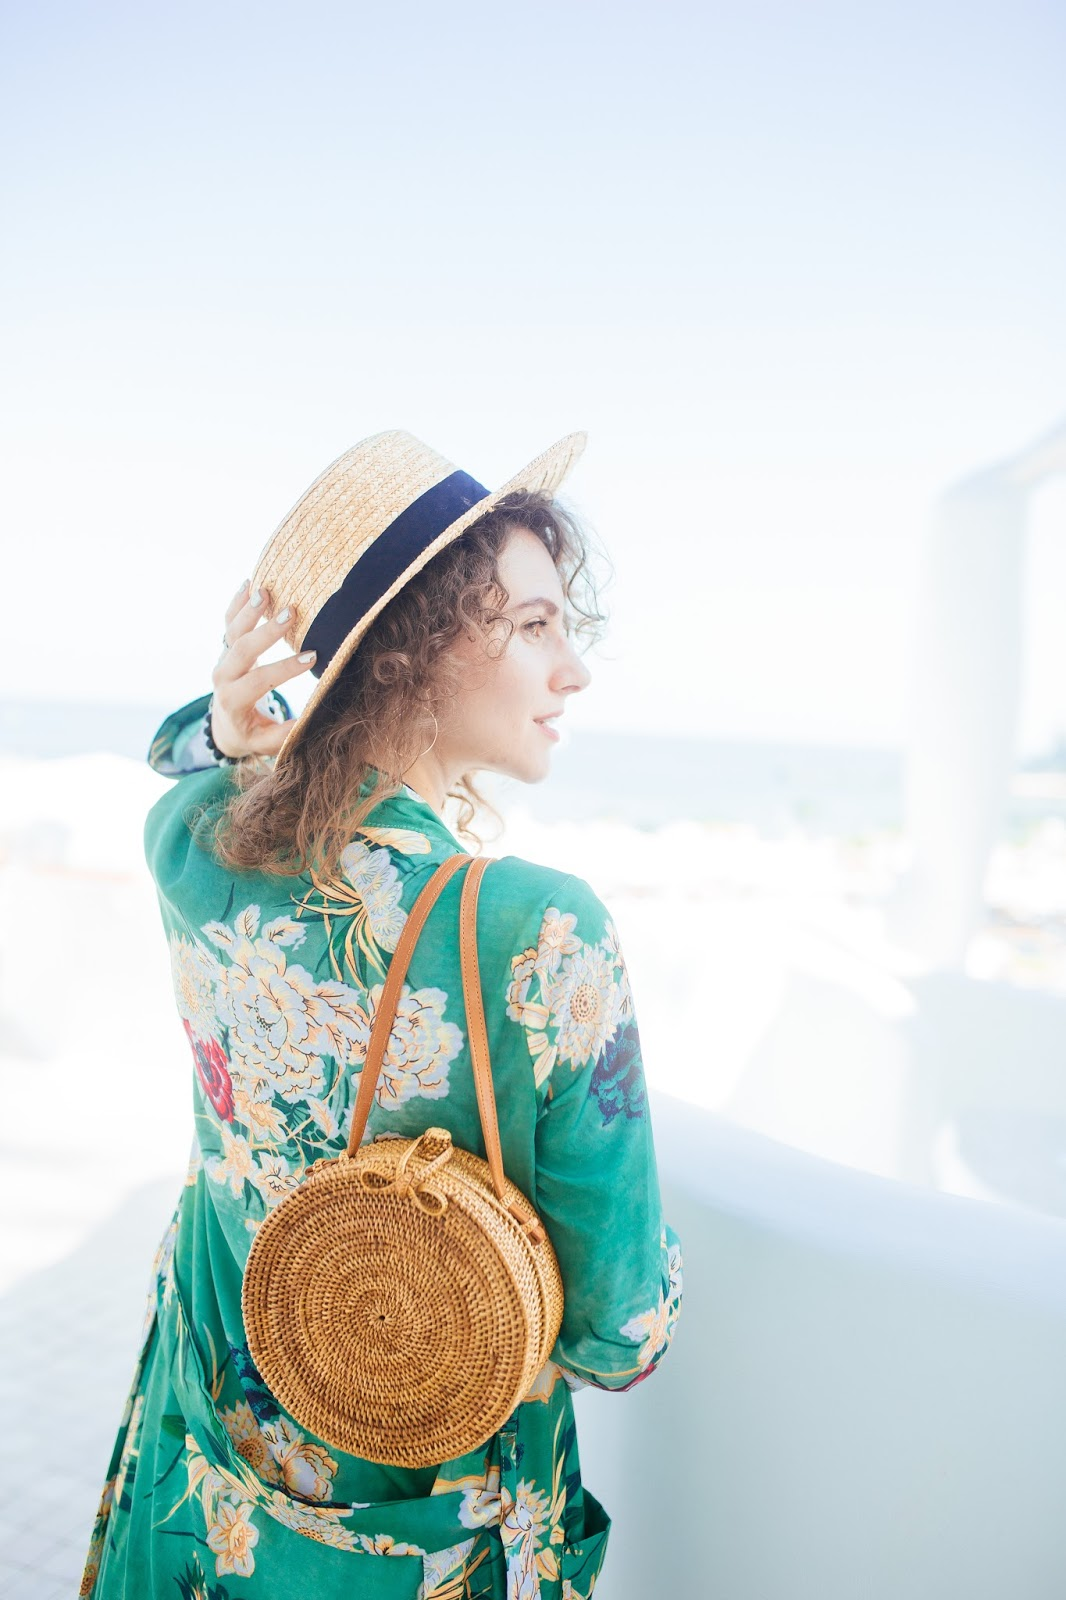 С чем носить кимоно осенью 2017